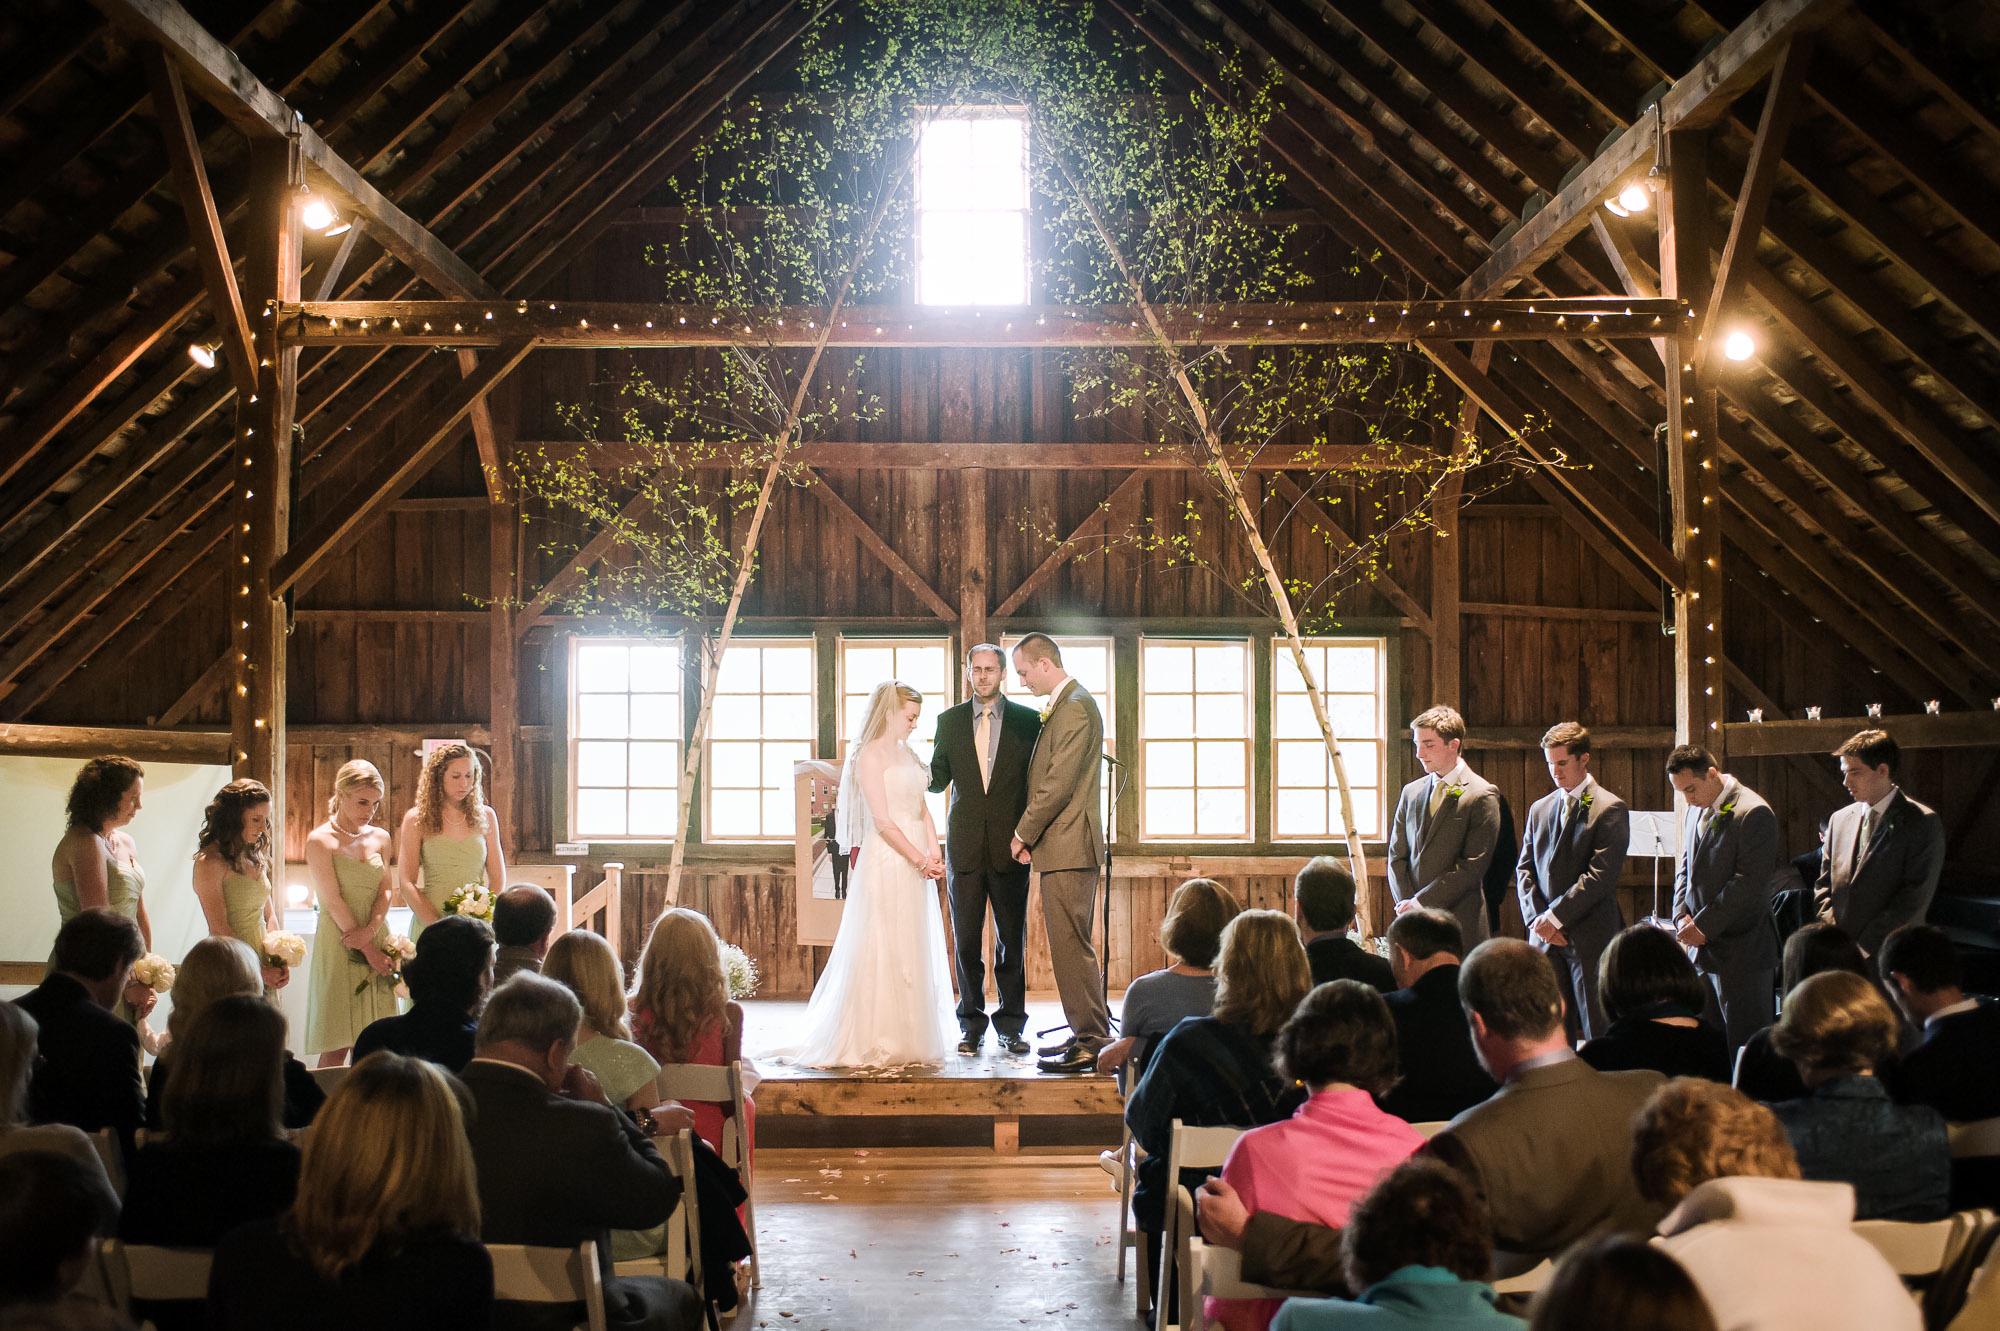 An indoor ceremony held in the hayloft.